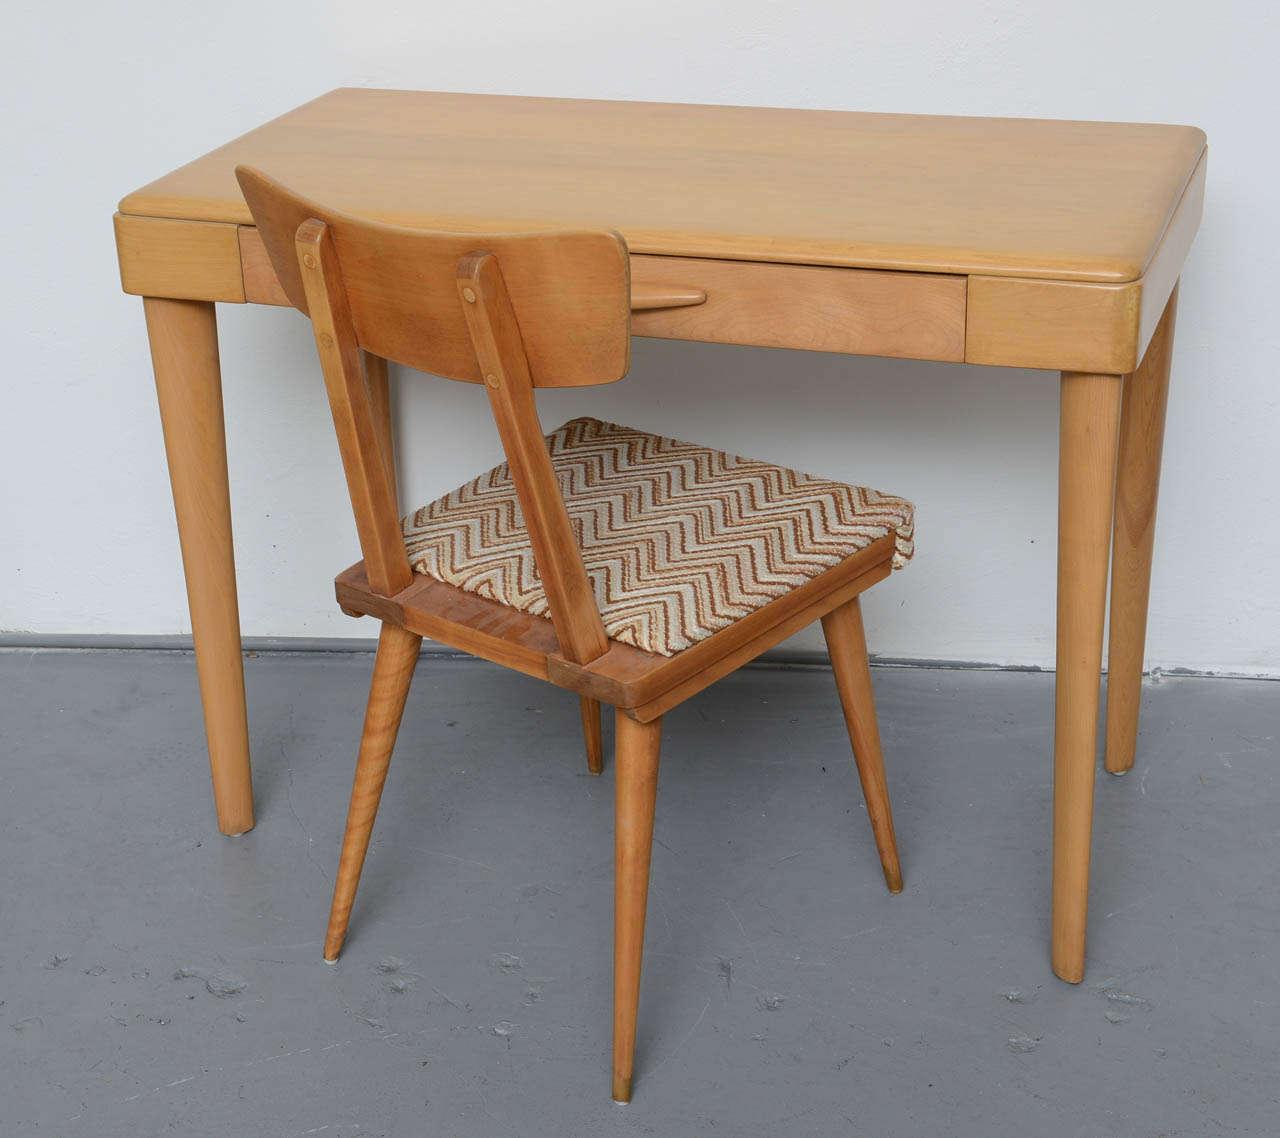 heywood wakefield maple desk schair sold desk comes solo for  - heywood wakefield maple desk schair sold desk comes solo